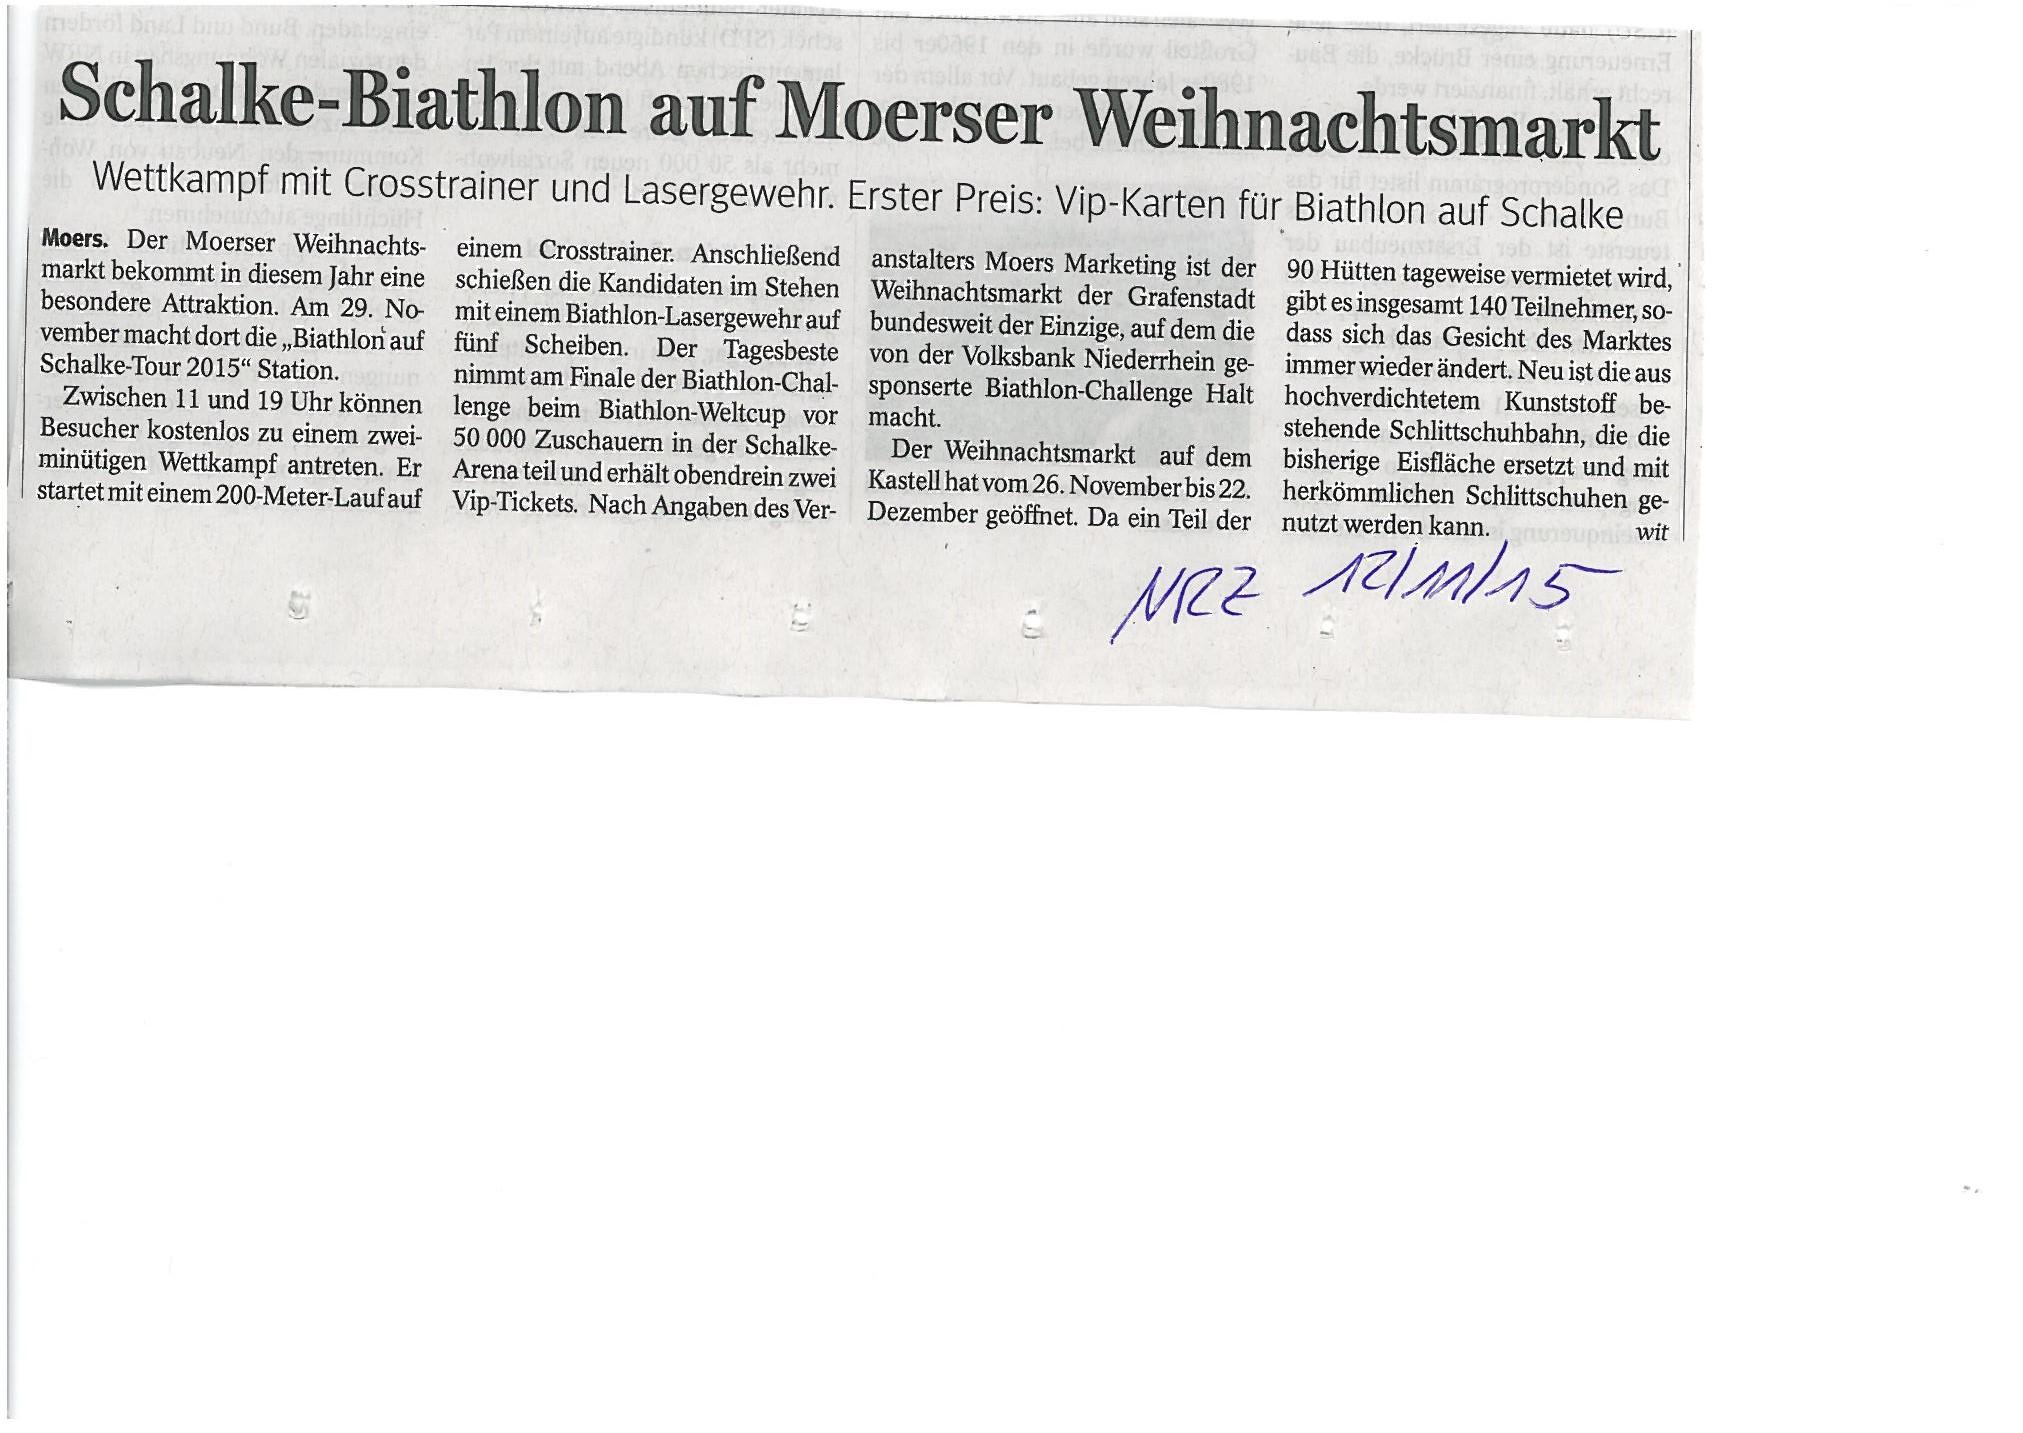 Neue Rheinzeitung